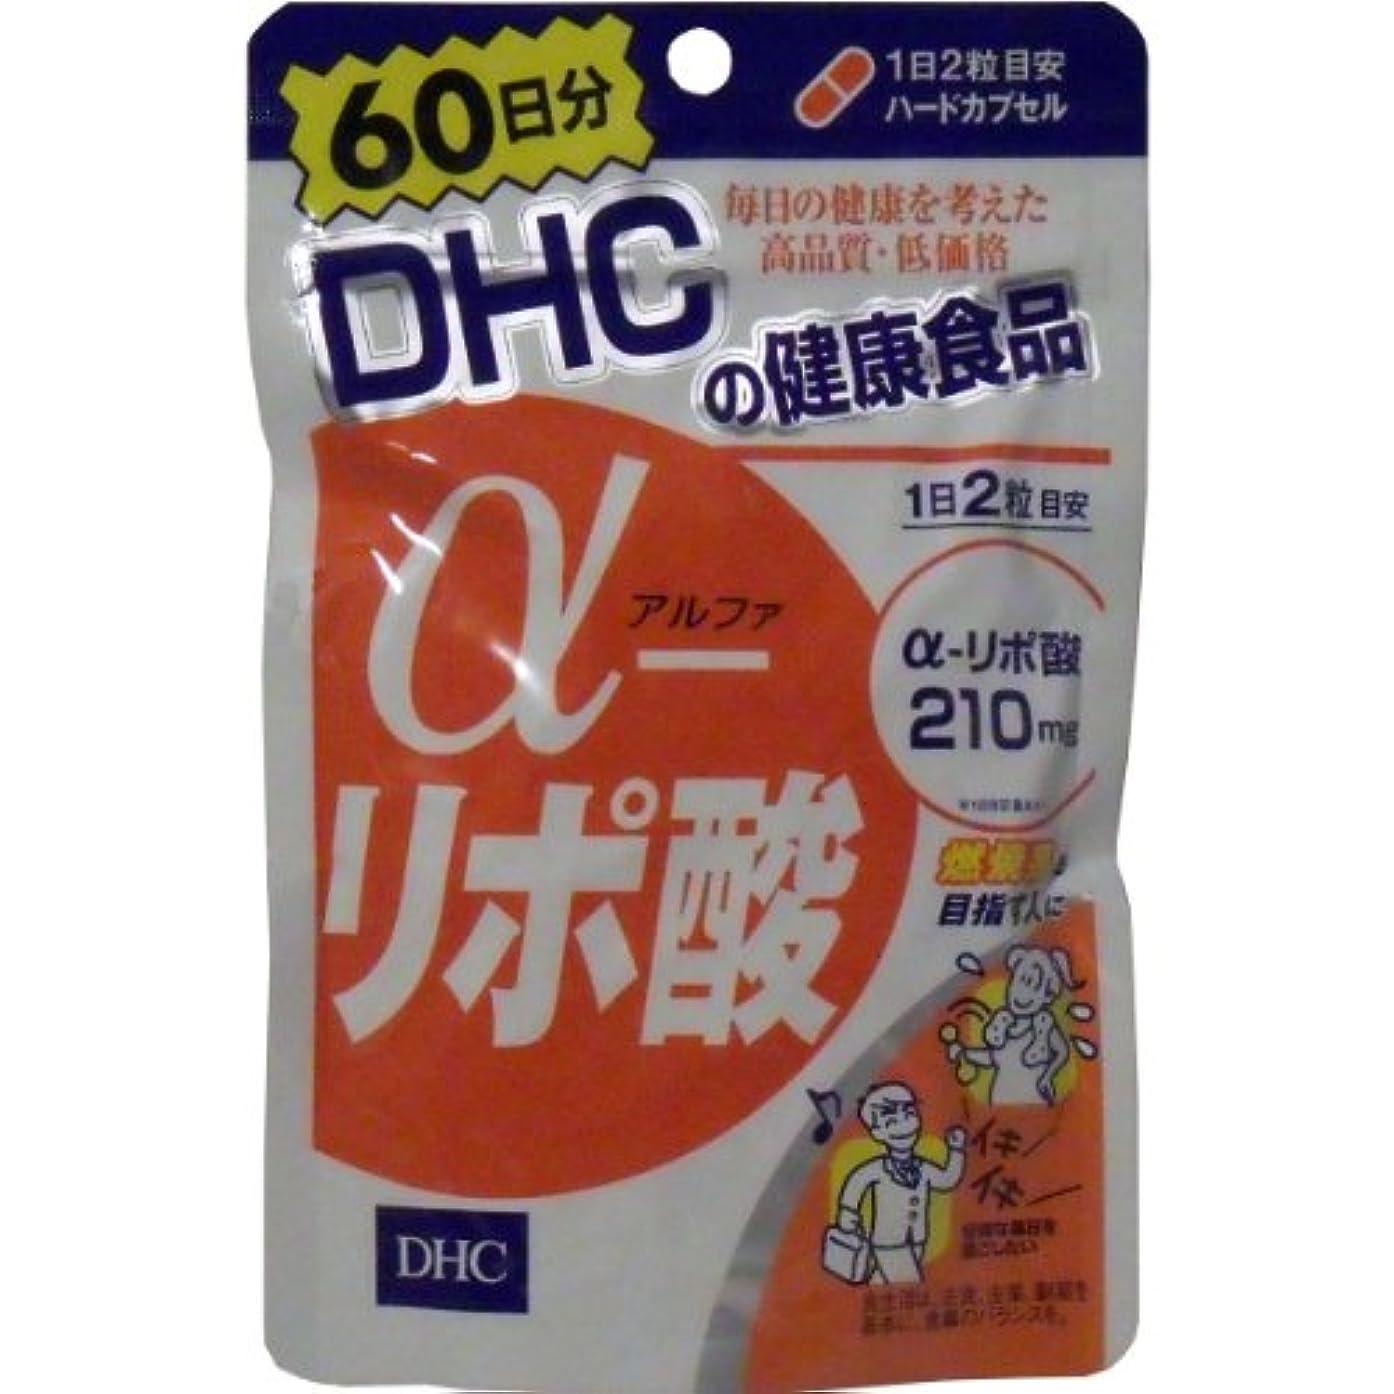 高速道路ながら柔らかい足DHC α-リポ酸 60日分 120粒